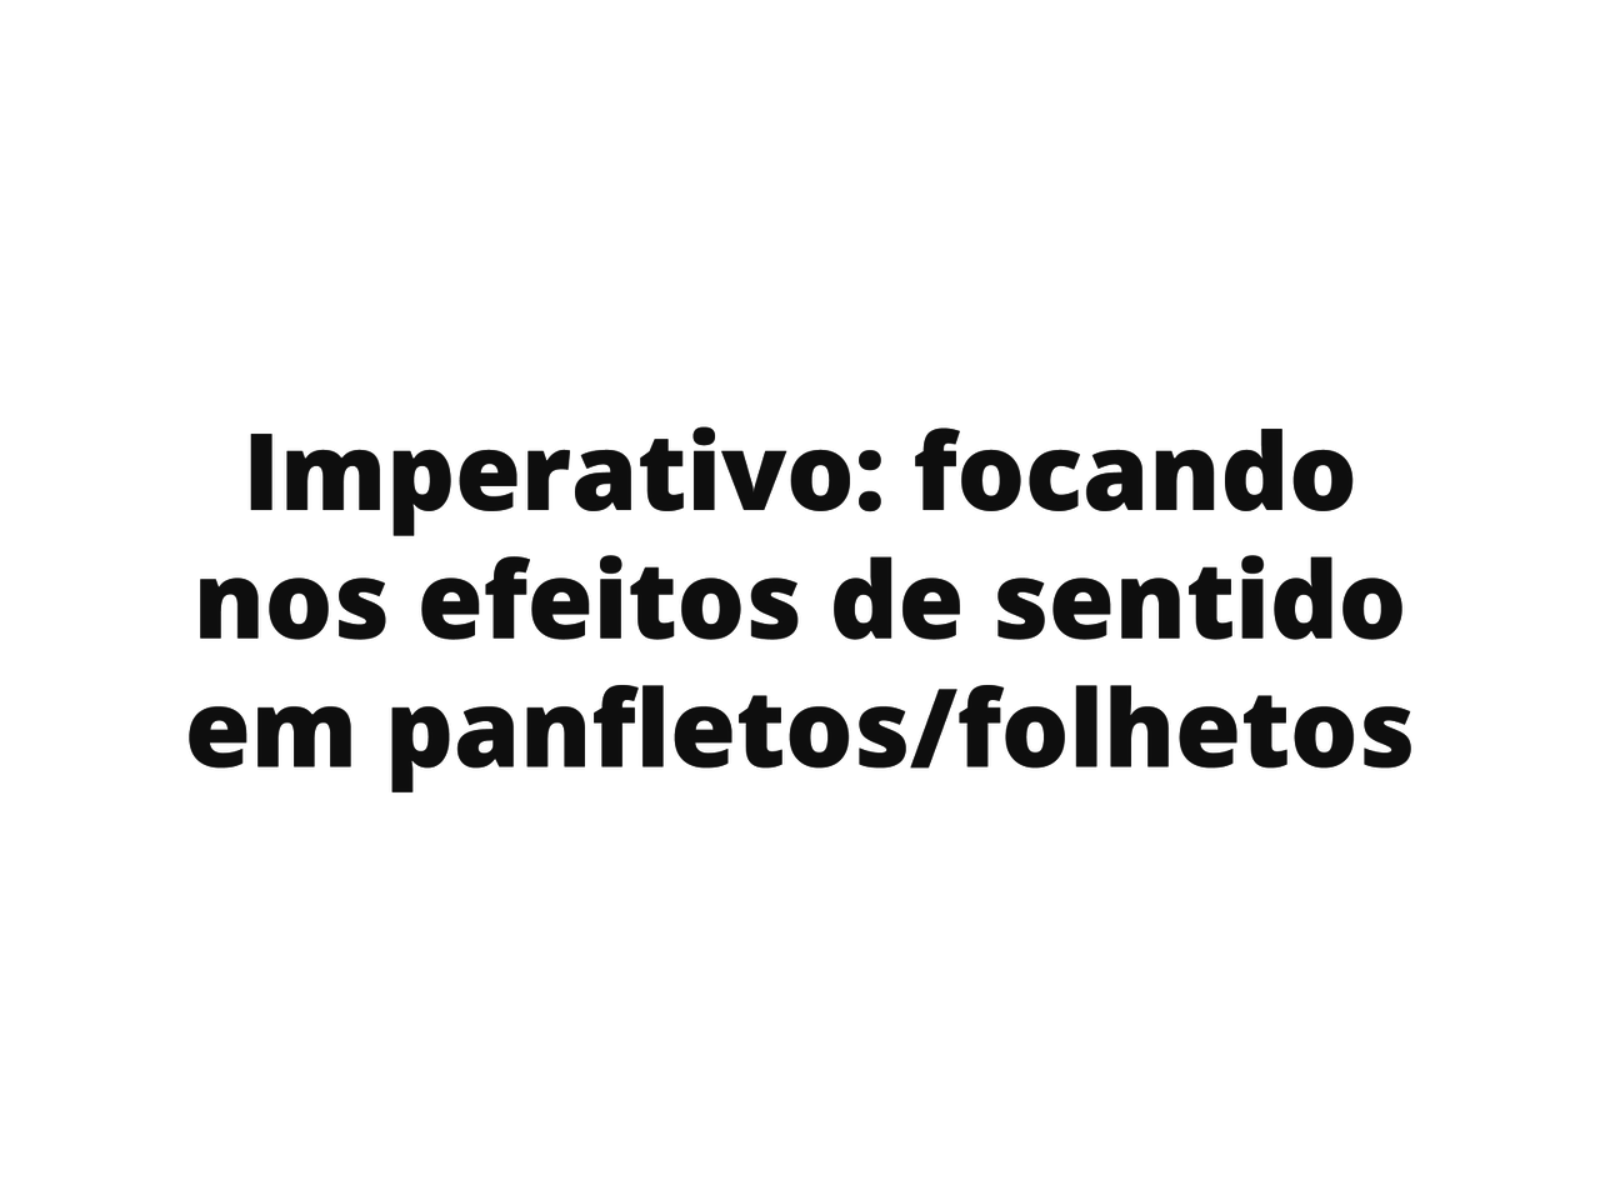 Panfletos/folhetos: Os verbos no imperativo